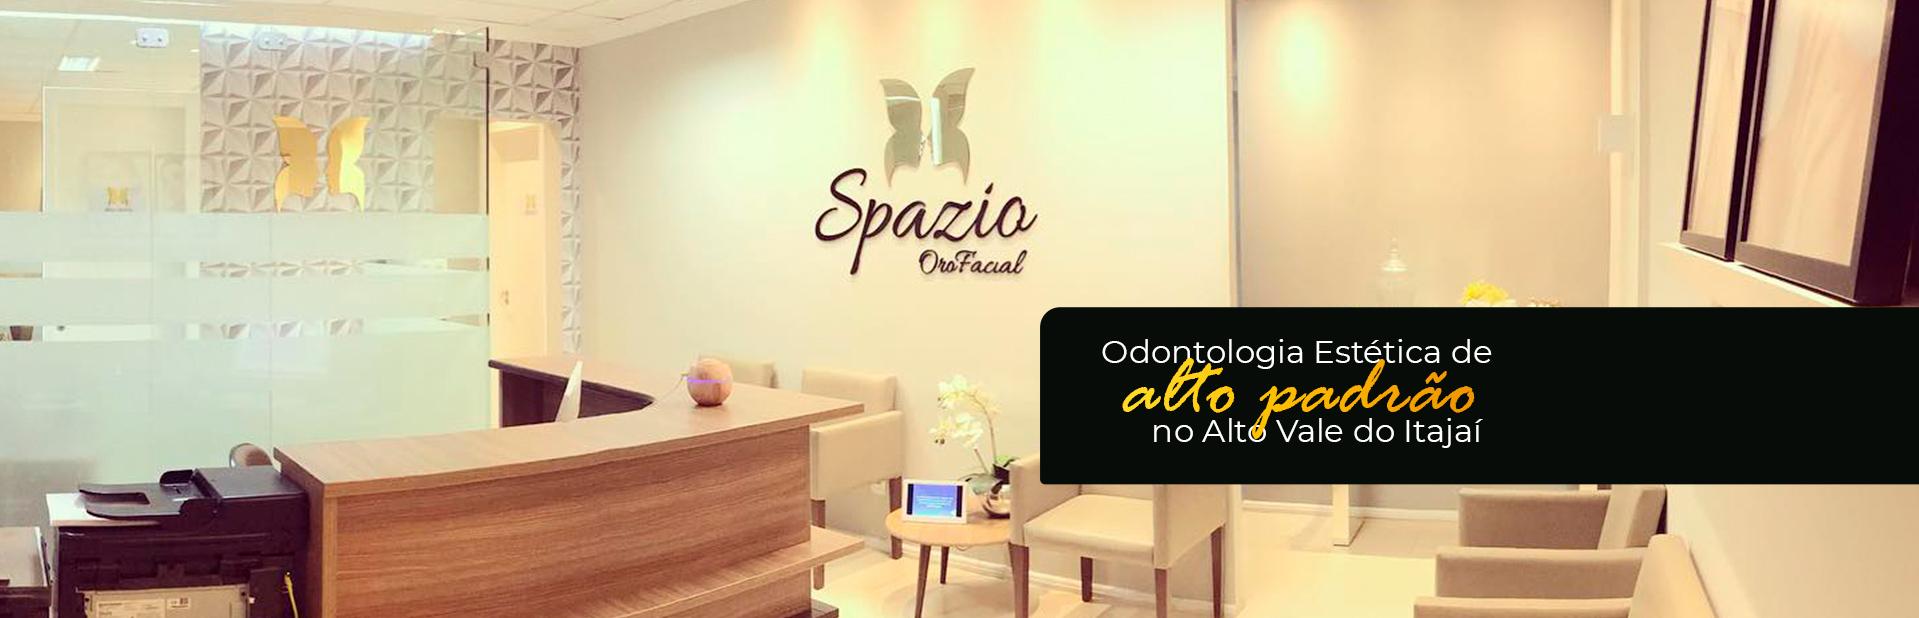 Odontologia Estética de Alto Padrão no Alto Vale do Itajaí